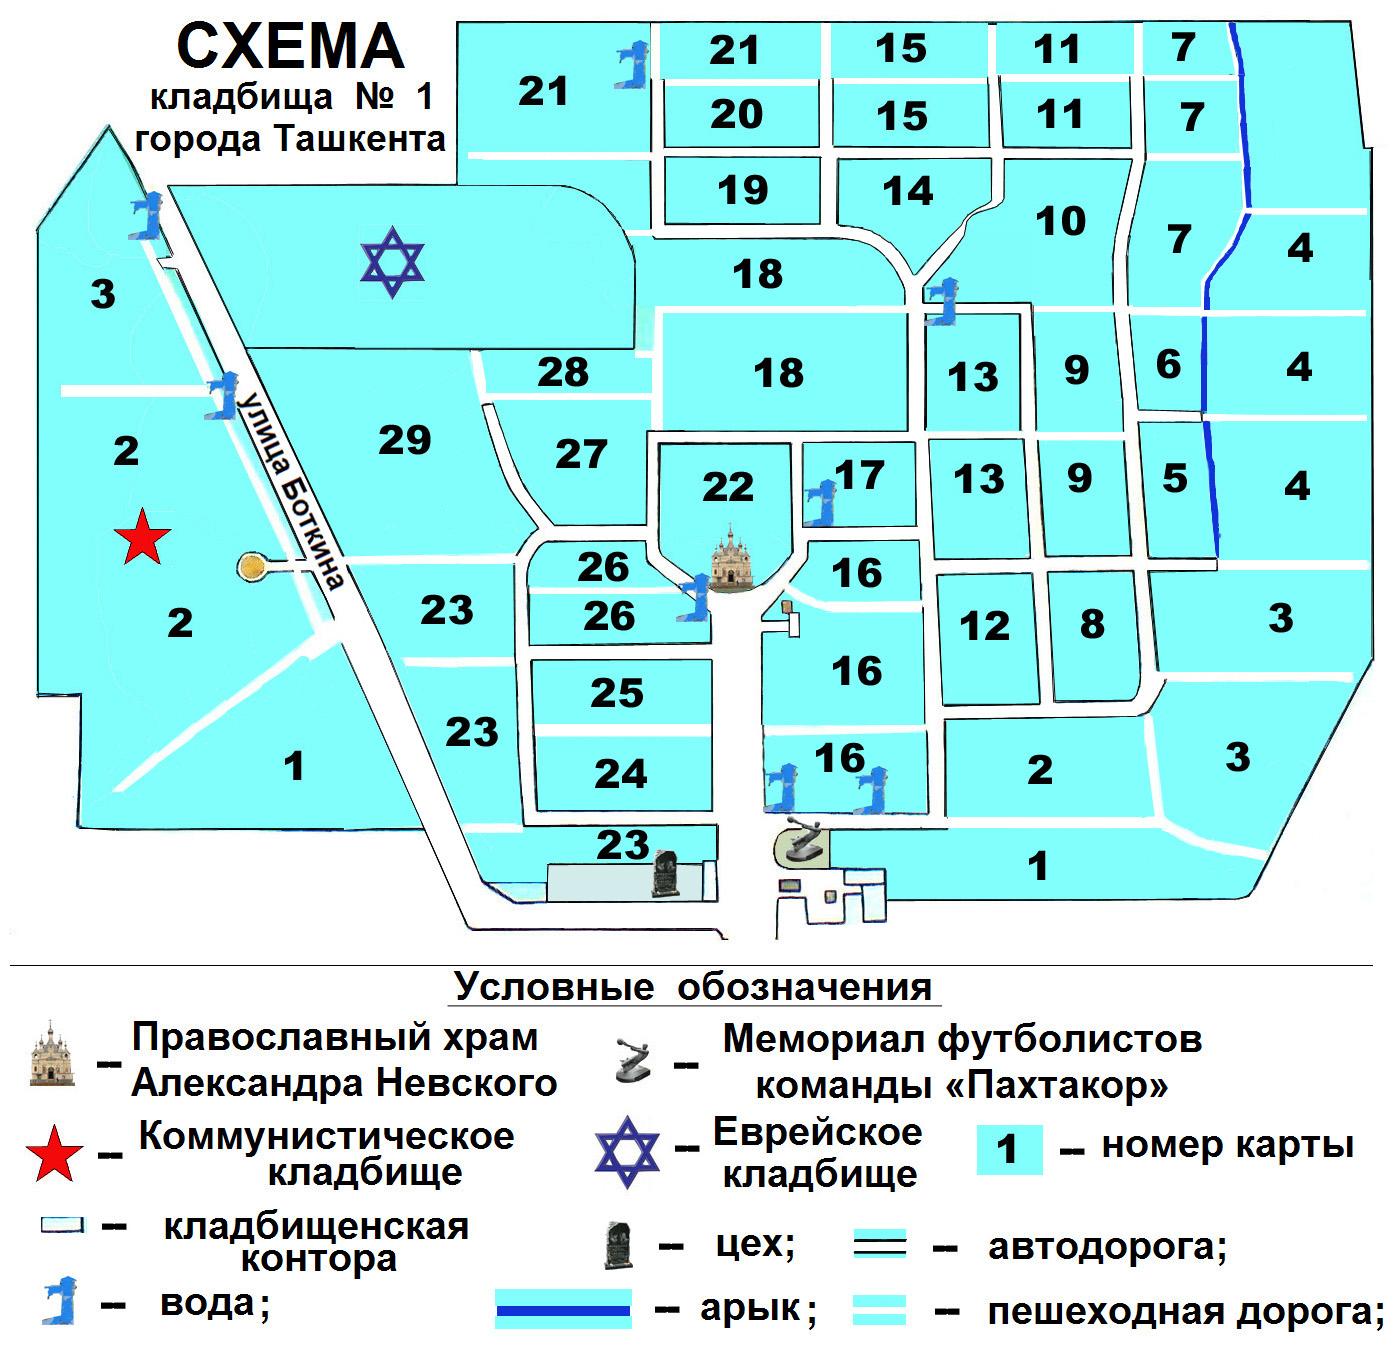 Схема ростовского северного кладбища 2017